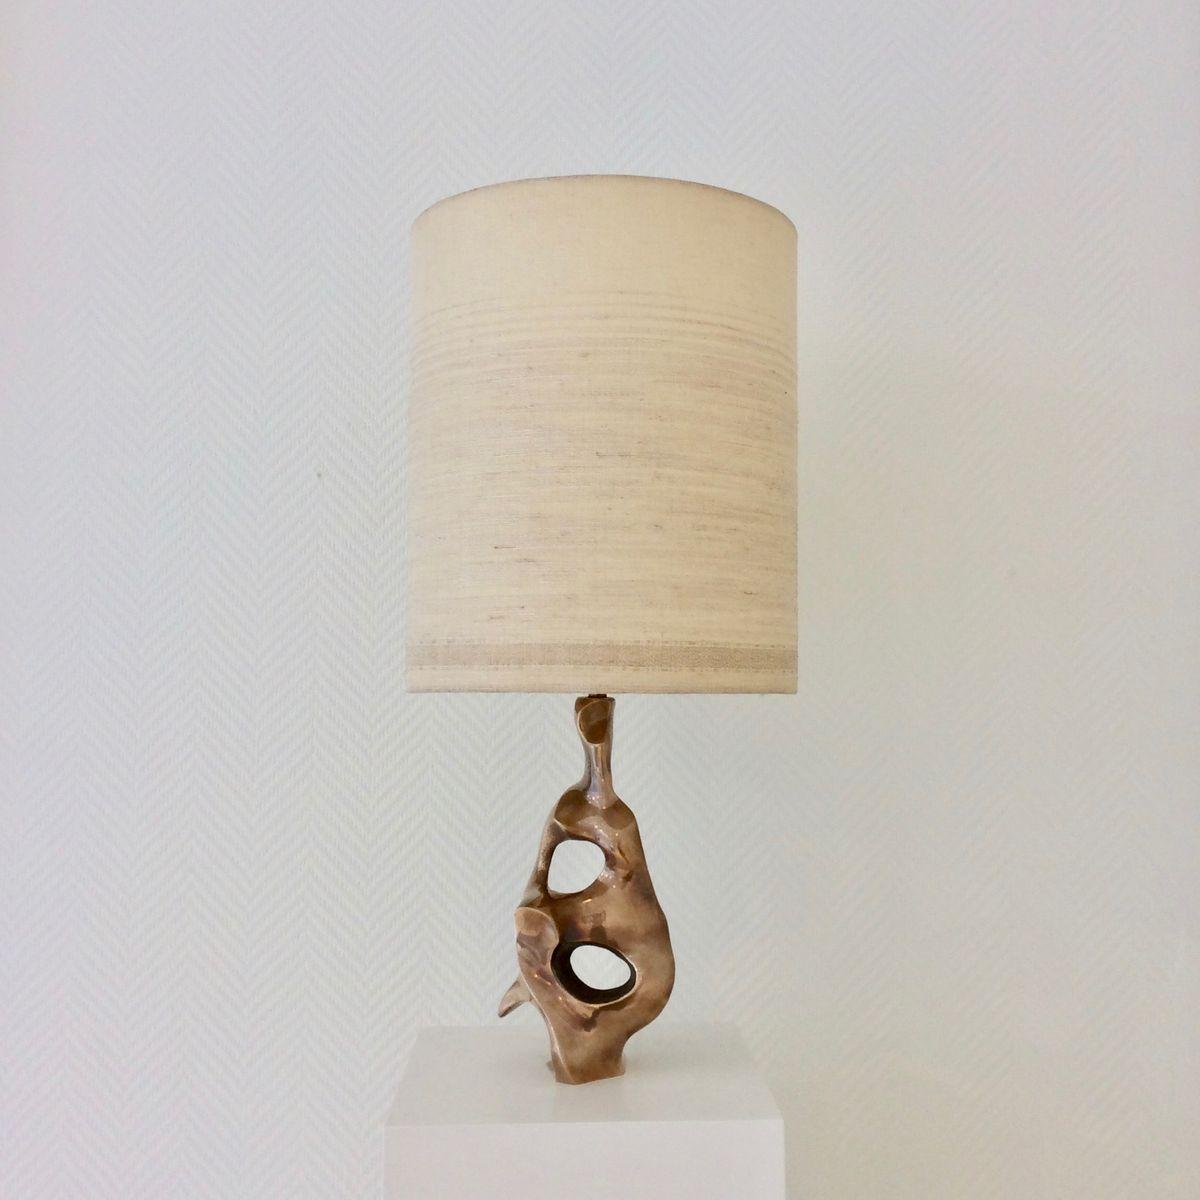 Skulpturale Tischlampe von Michel Jaubert, 1970er